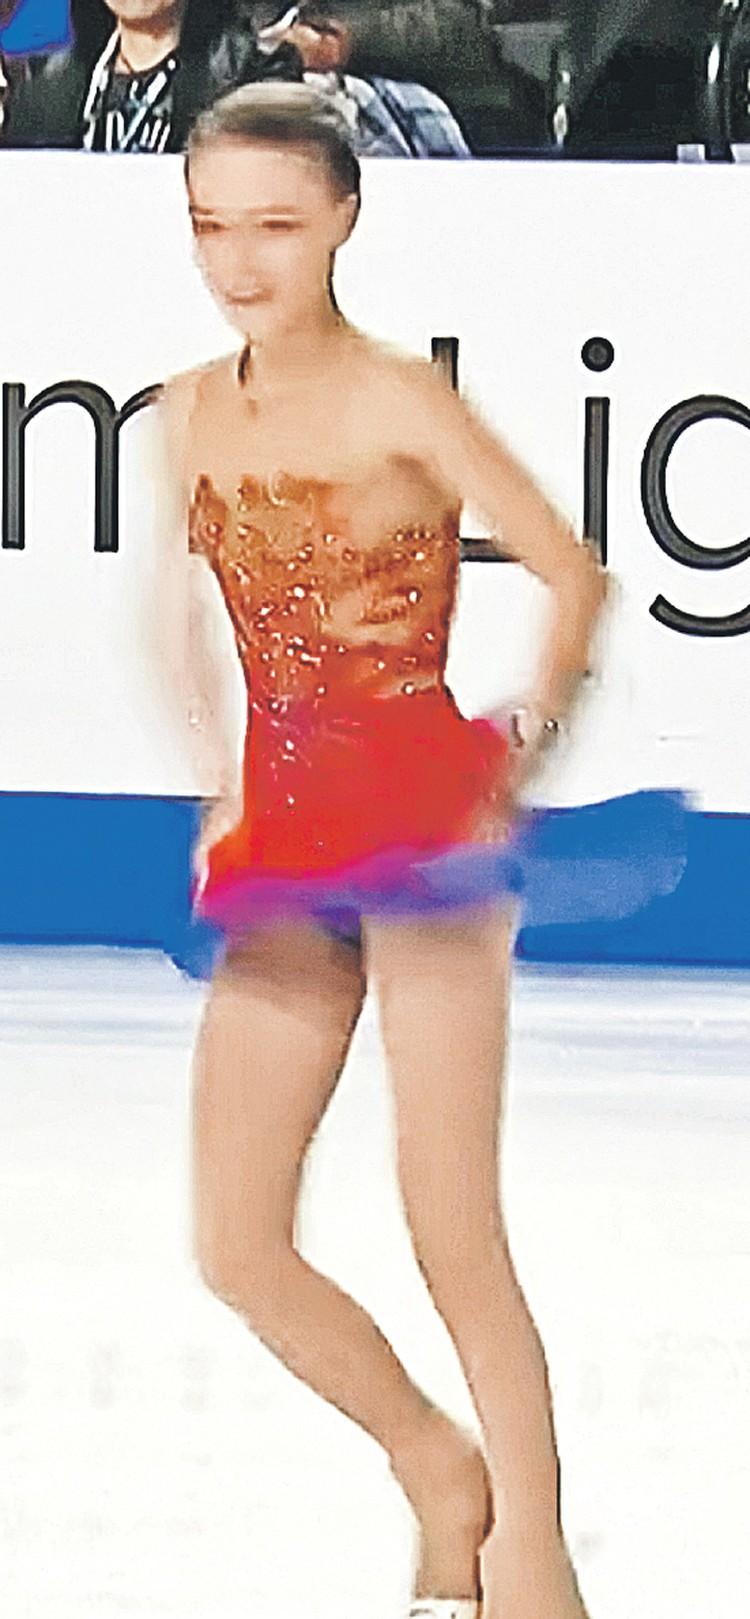 ...и платье превращается из синего в красное. Фото: Кадр видеосъемки